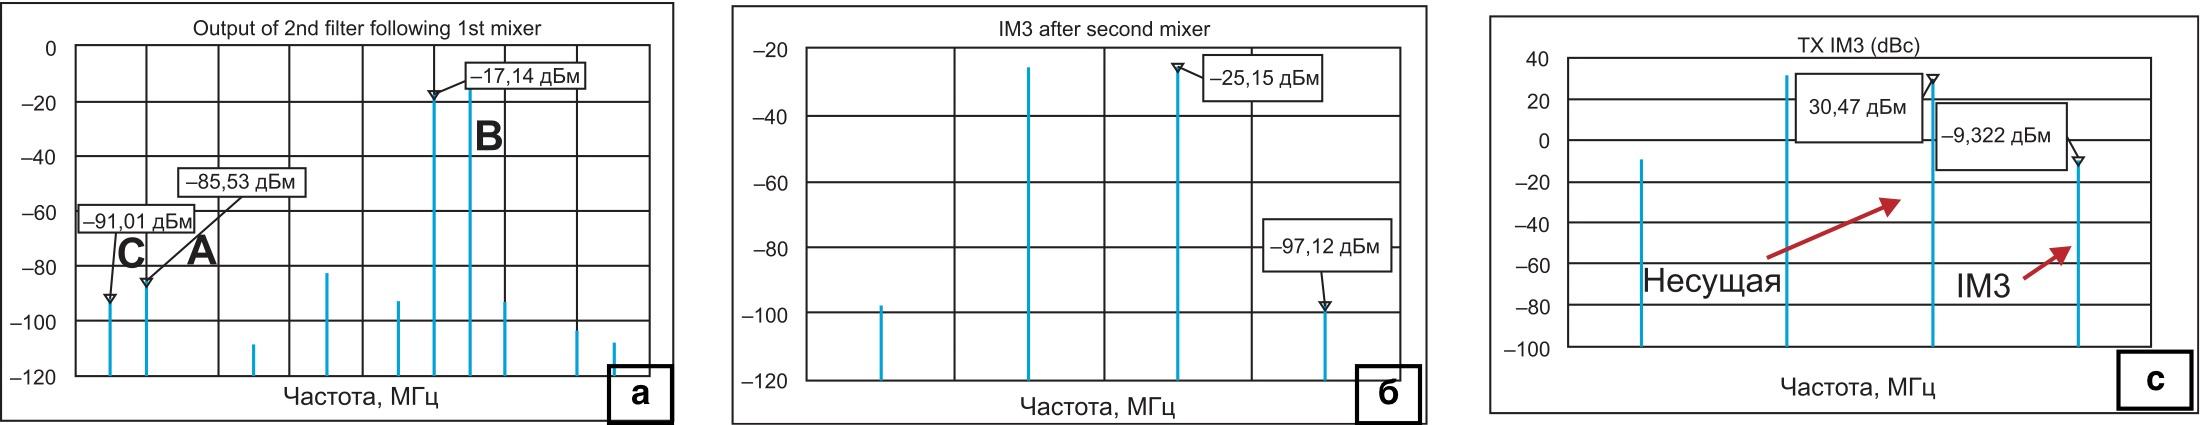 Спектры сигналов: а) после дополнительного фильтра; б) на выходе второго смесителя; в) итоговый результат